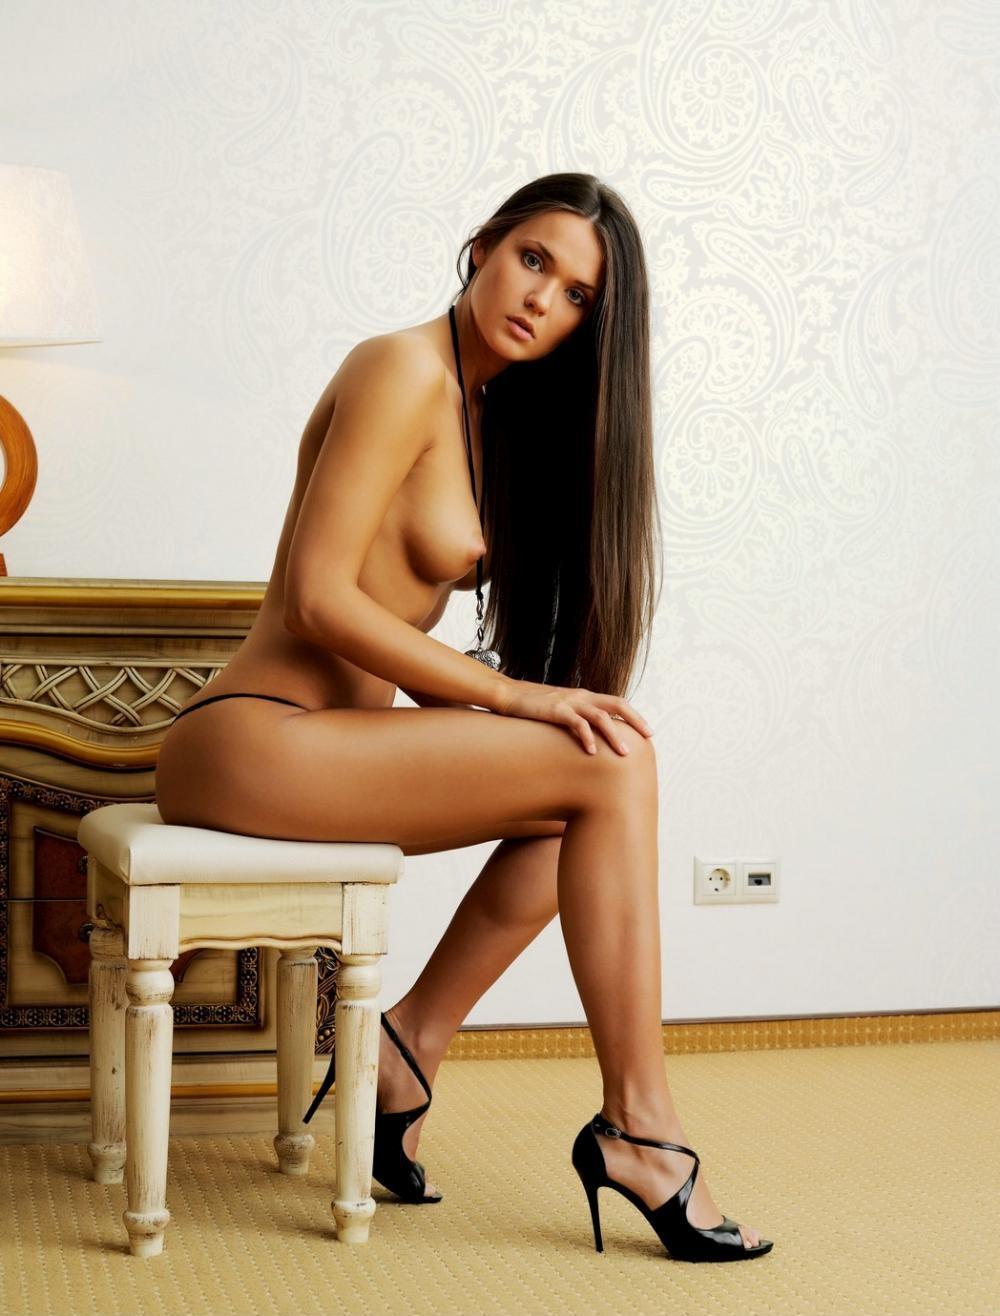 nude-girl-151109-08